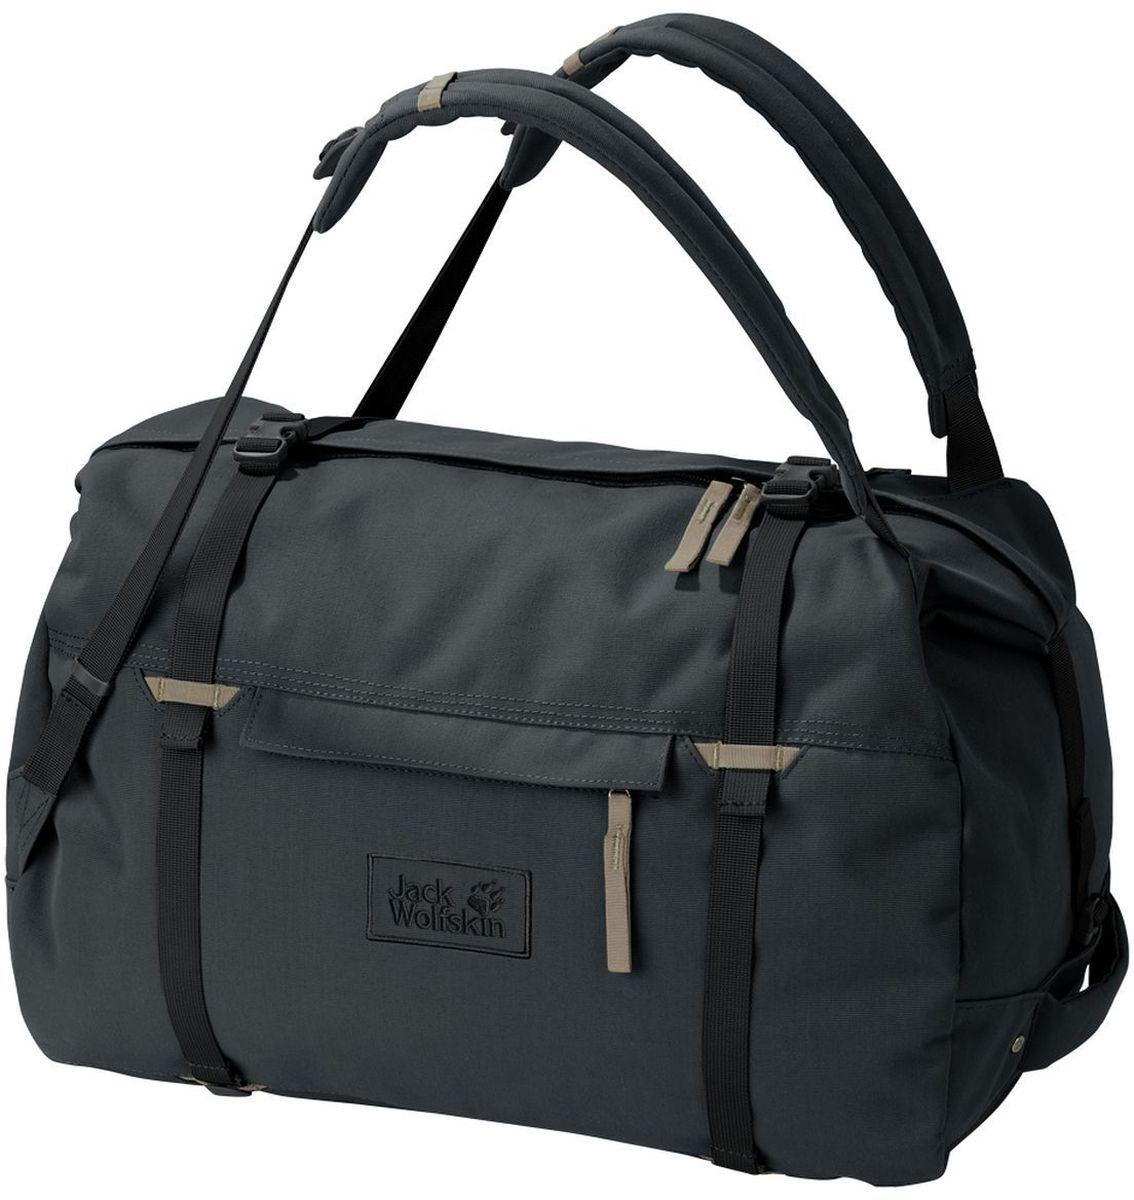 Сумка-рюкзак Jack Wolfskin Roamer 80 Duffle, цвет: темно-серый. 2005671-63502005671-6350Сумка-рюкзак Jack Wolfskin Roamer 80 Duffle выполнена из полиэстер. Модель с одним отделением. Передняя стенка оформлена карманом на молнии. Очень большая и прочная сумка для путешествий с возможностью ношения как рюкзак